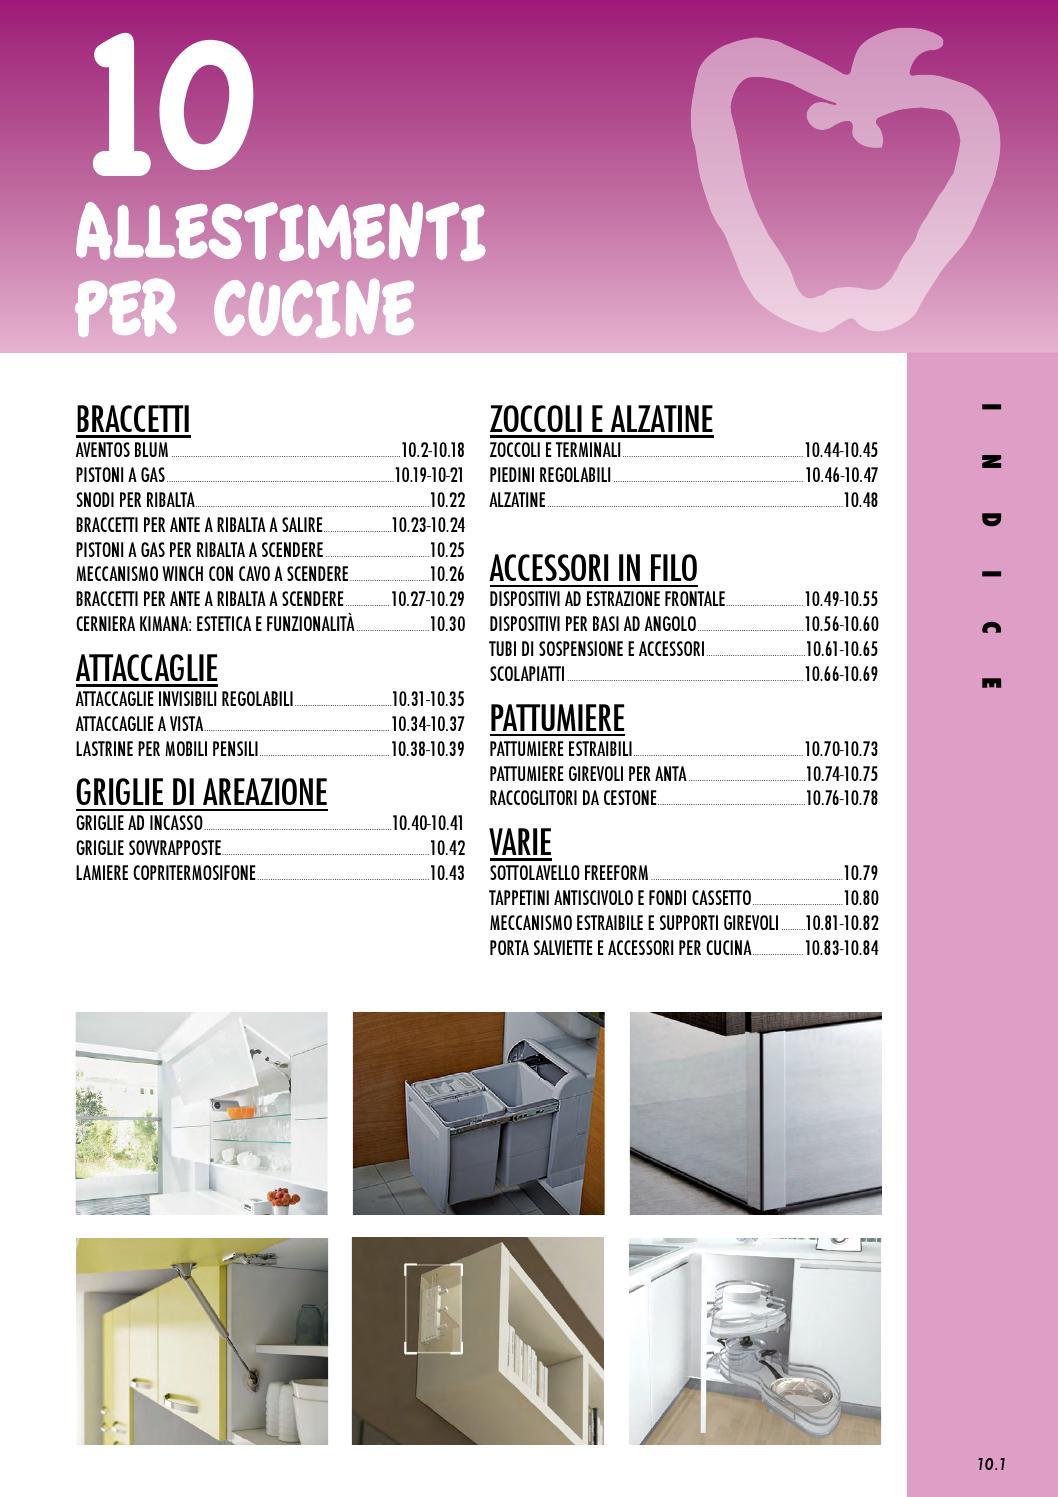 Allestimenti per cucine by giuseppe micillo issuu - Alzatine per cucine ...